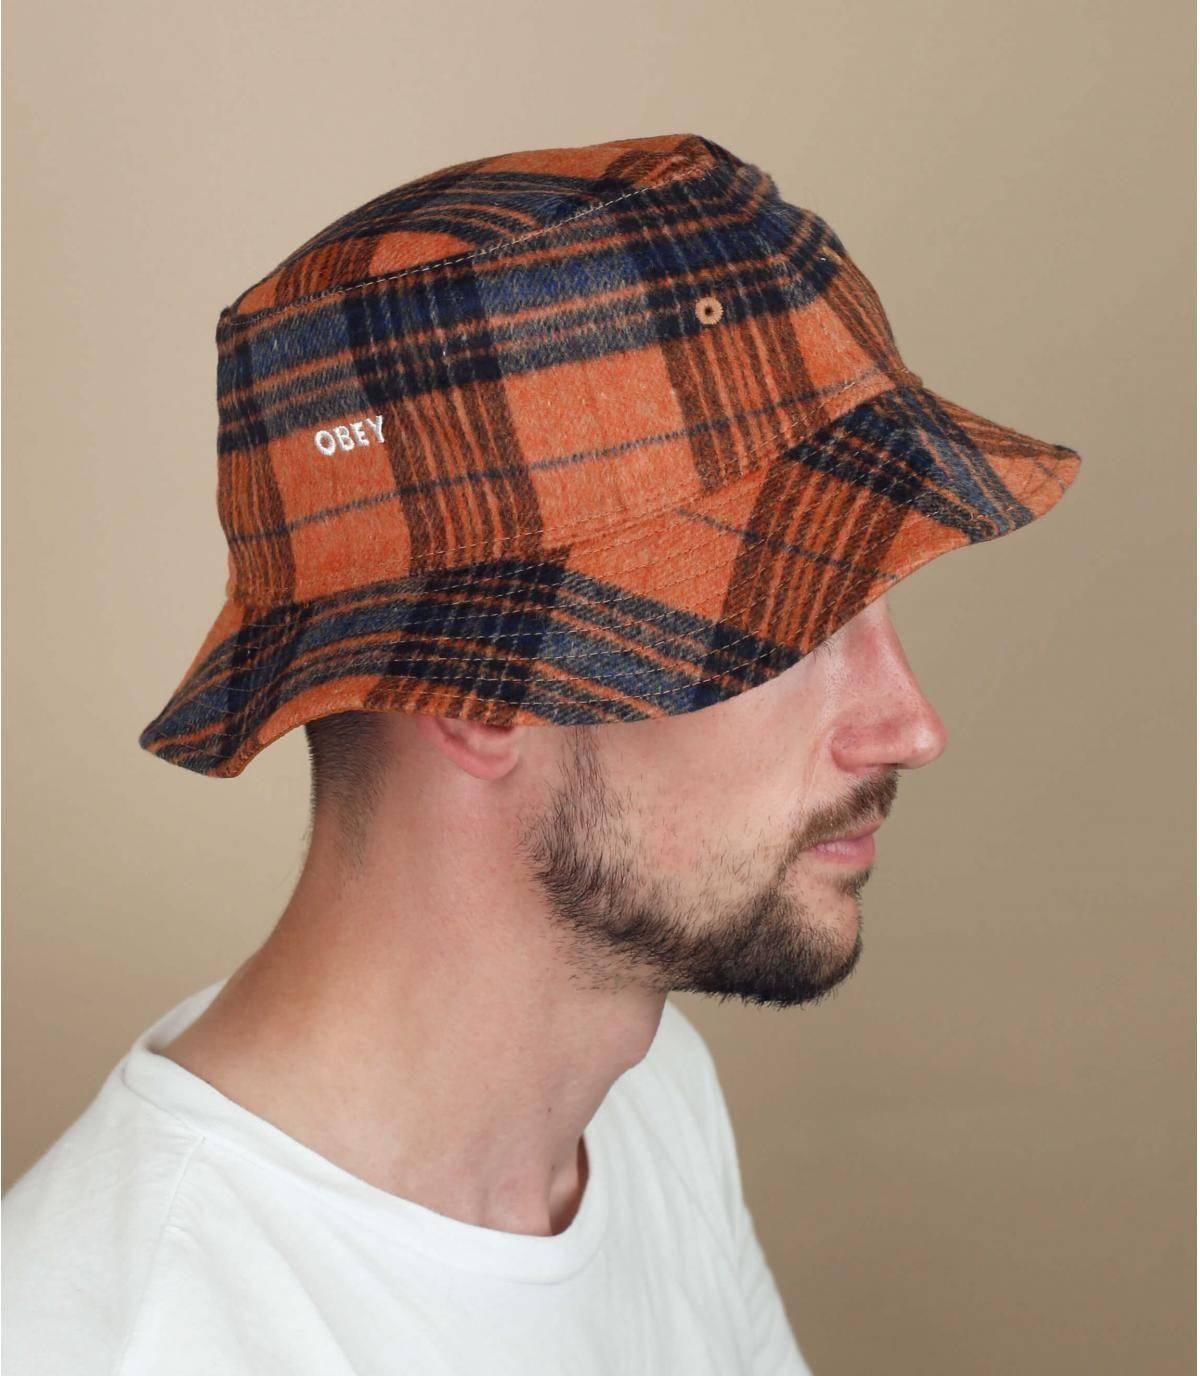 cappello da pescatore reversibile Obey